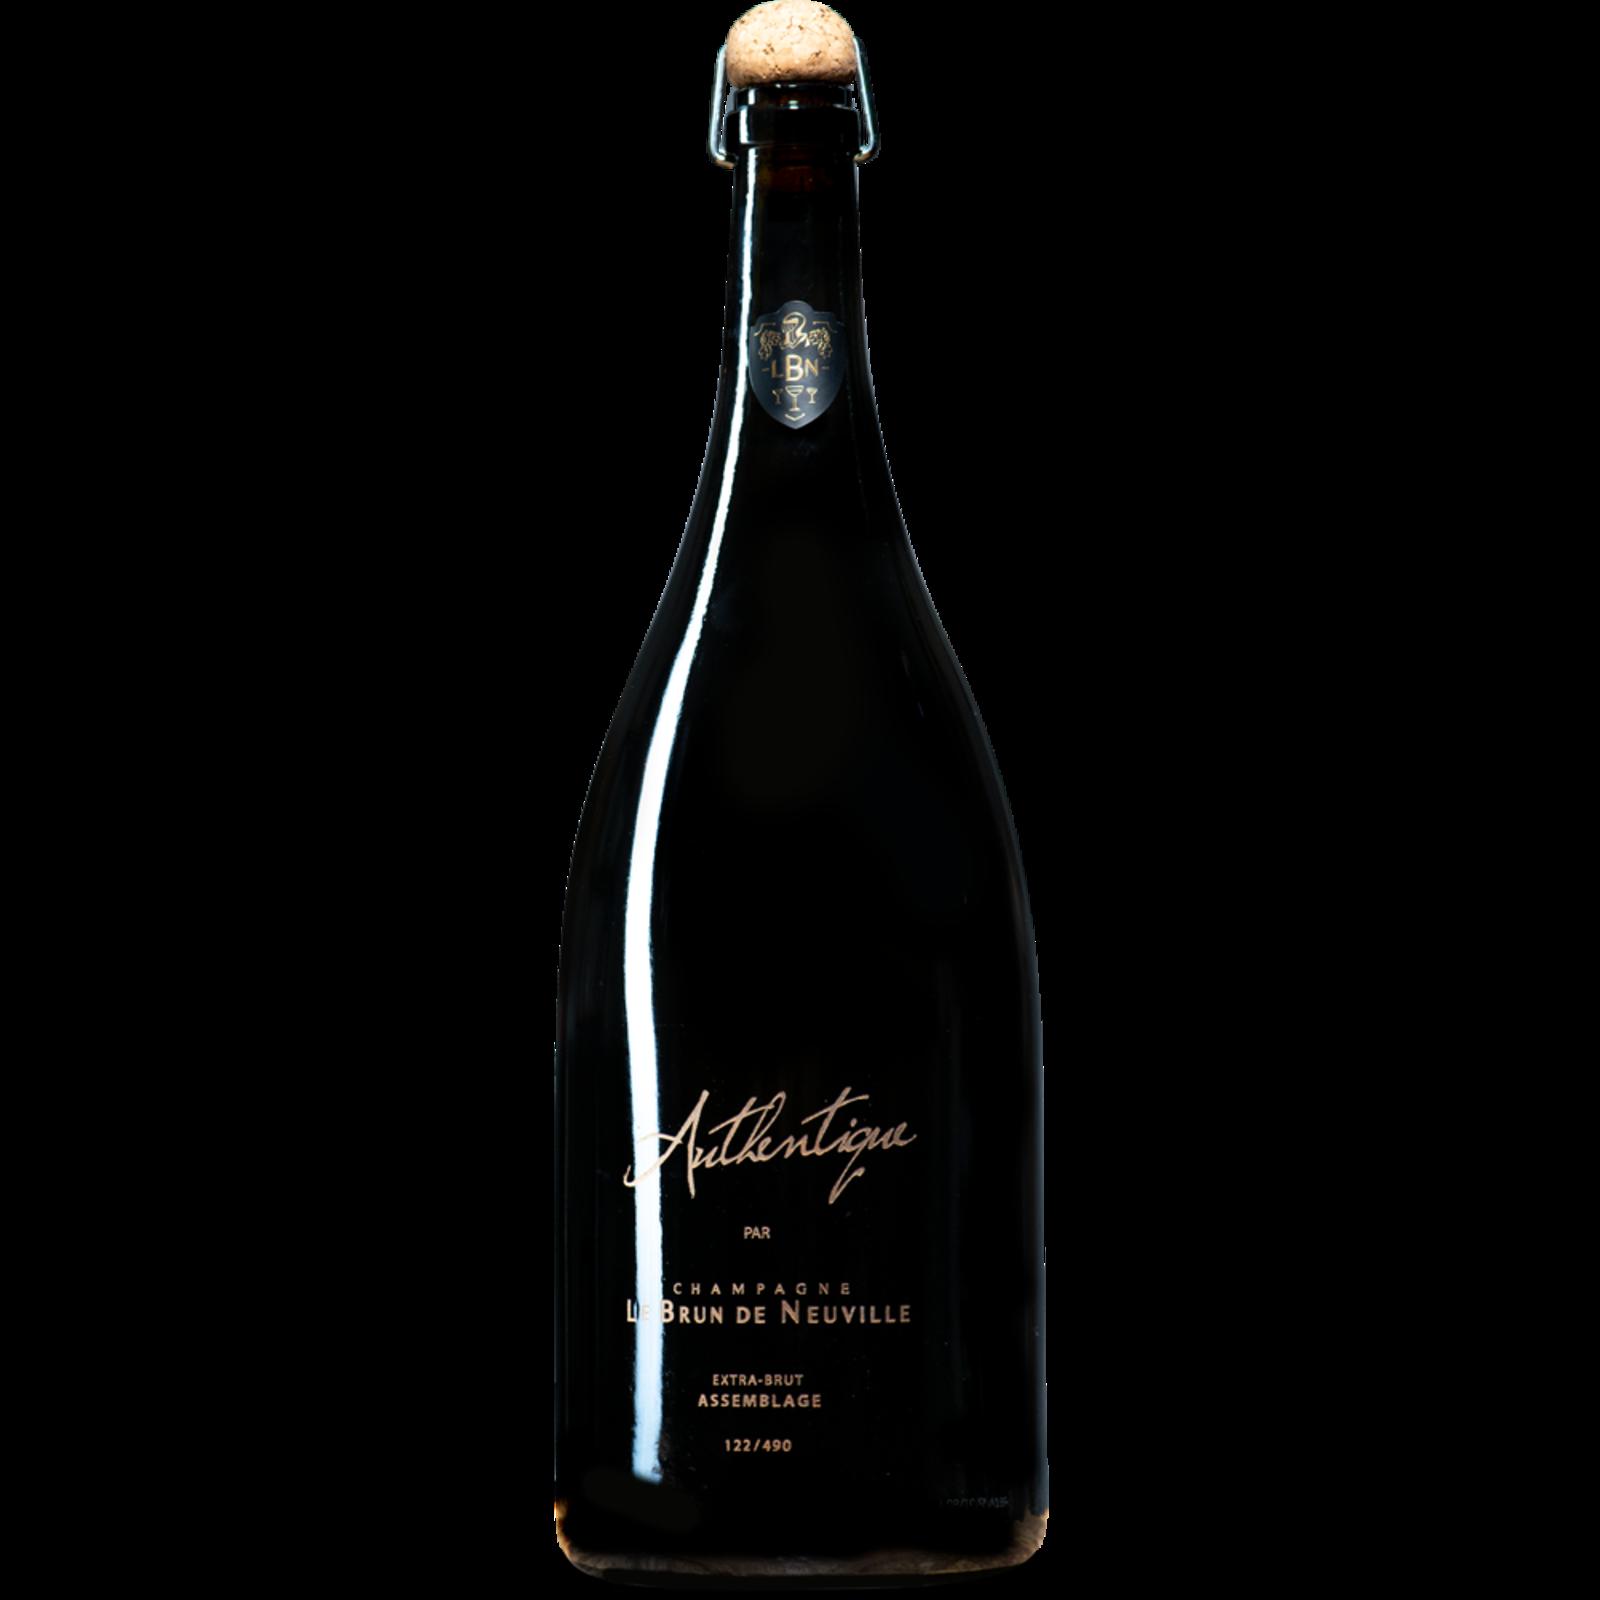 Le Brun de Neuville Le Brun de Neuville Champagne Assemblage Brut Authentique Magnum